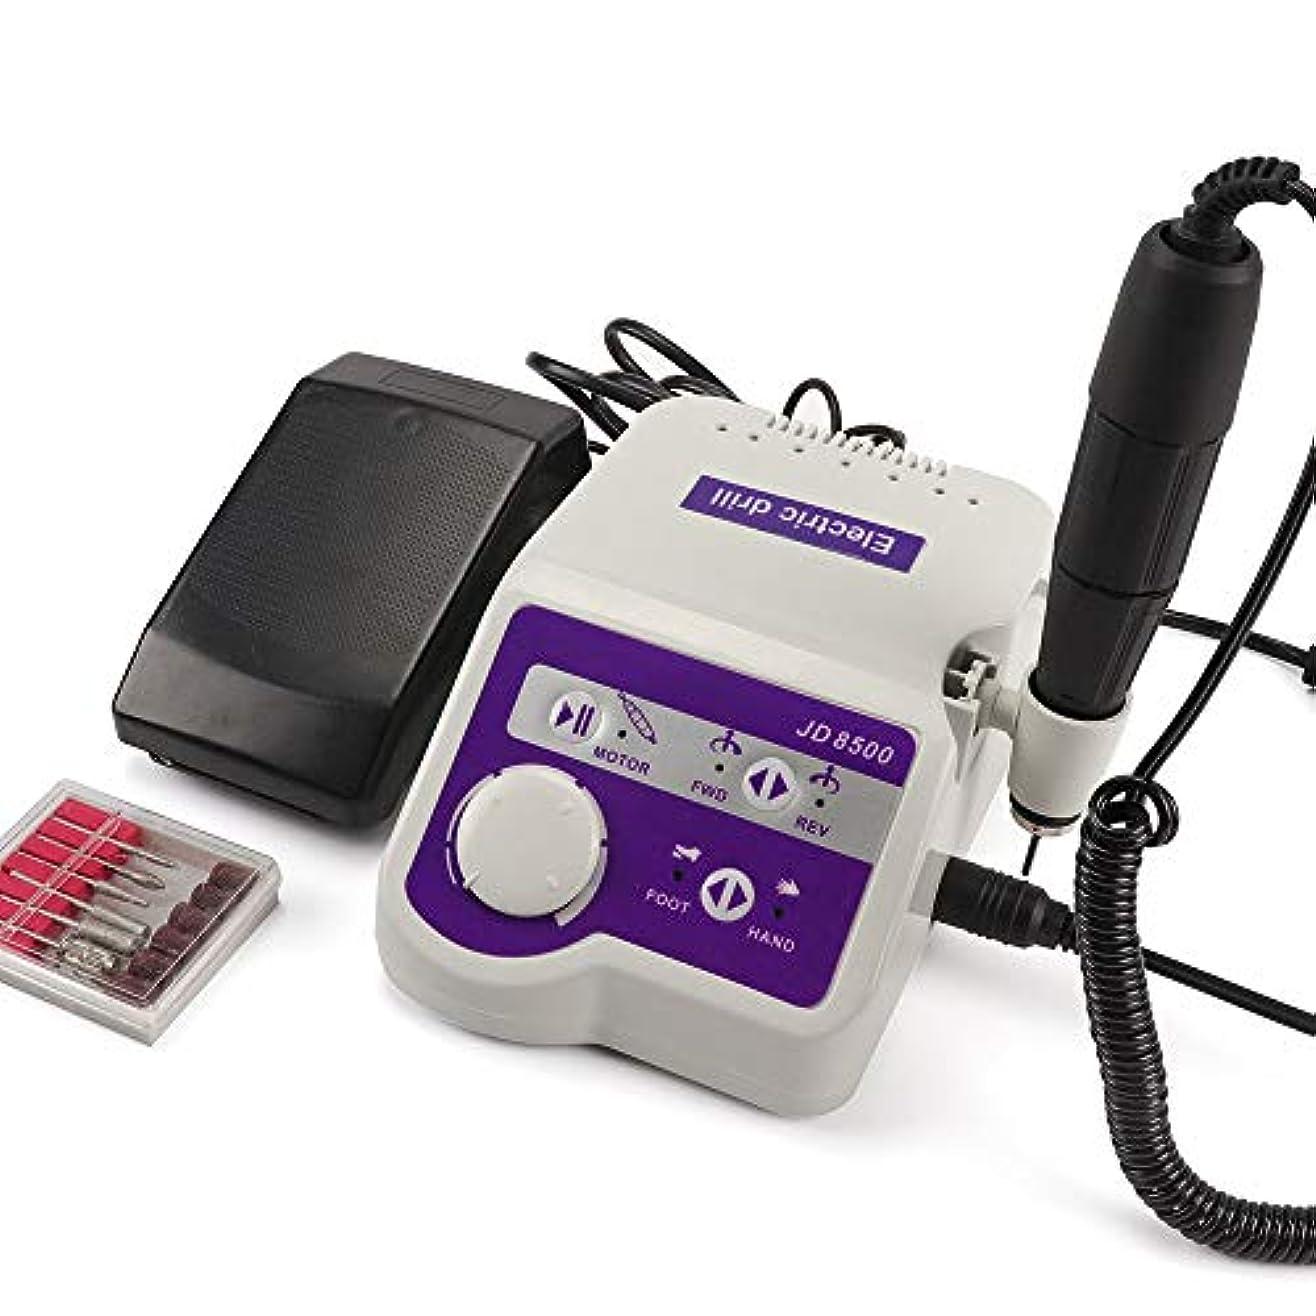 返還雹信号65ワット35000 rpmプロフェッショナルJD8500電動ネイルドリル機35000 rpmマニキュアツールペディキュアポリッシャーネイルアート機器